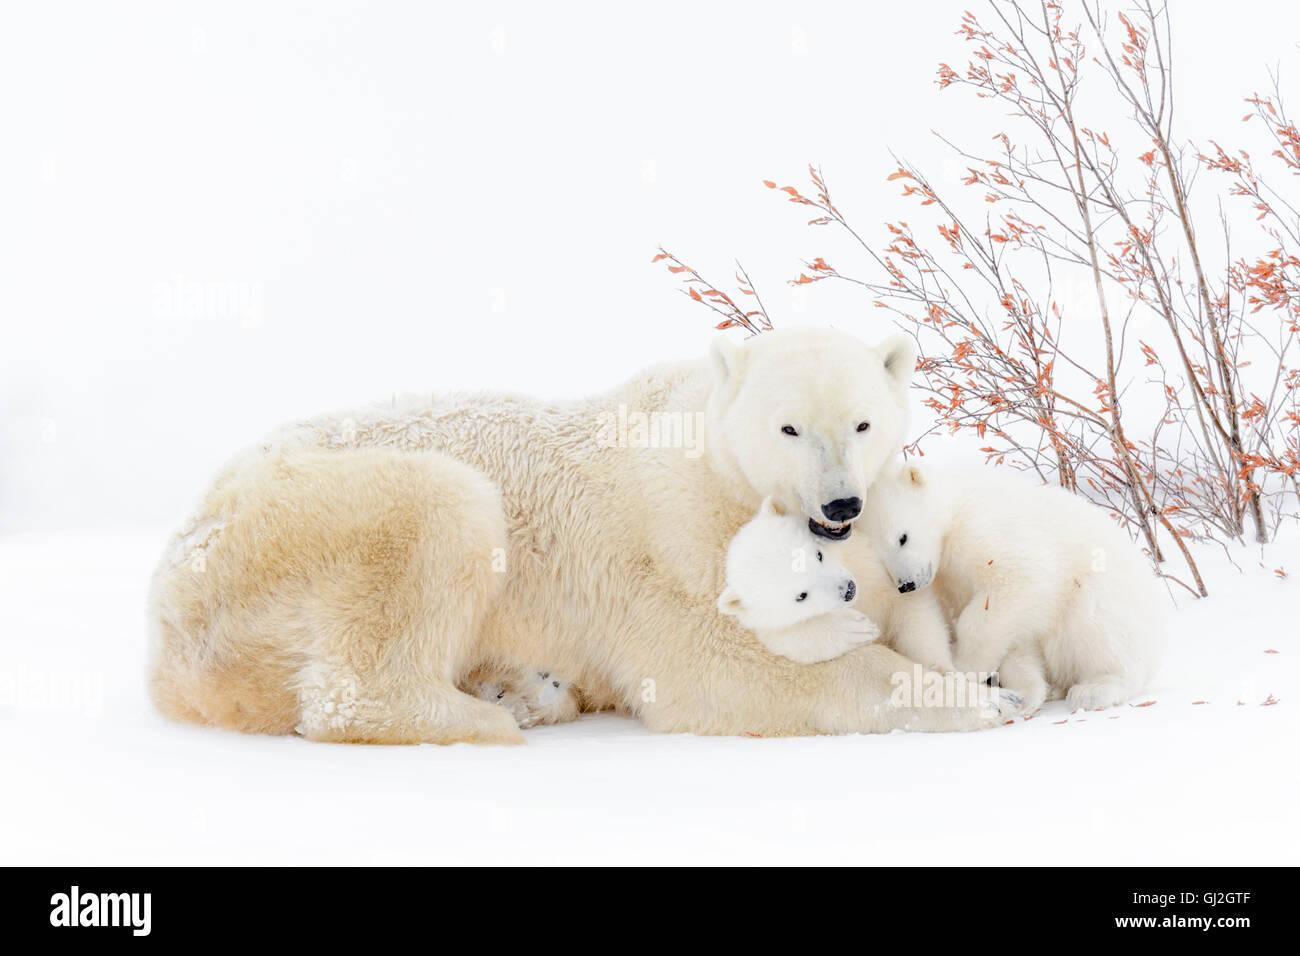 Orso polare madre (Ursus maritimus) disteso con due cani giocando, Wapusk National Park, Manitoba, Canada Immagini Stock